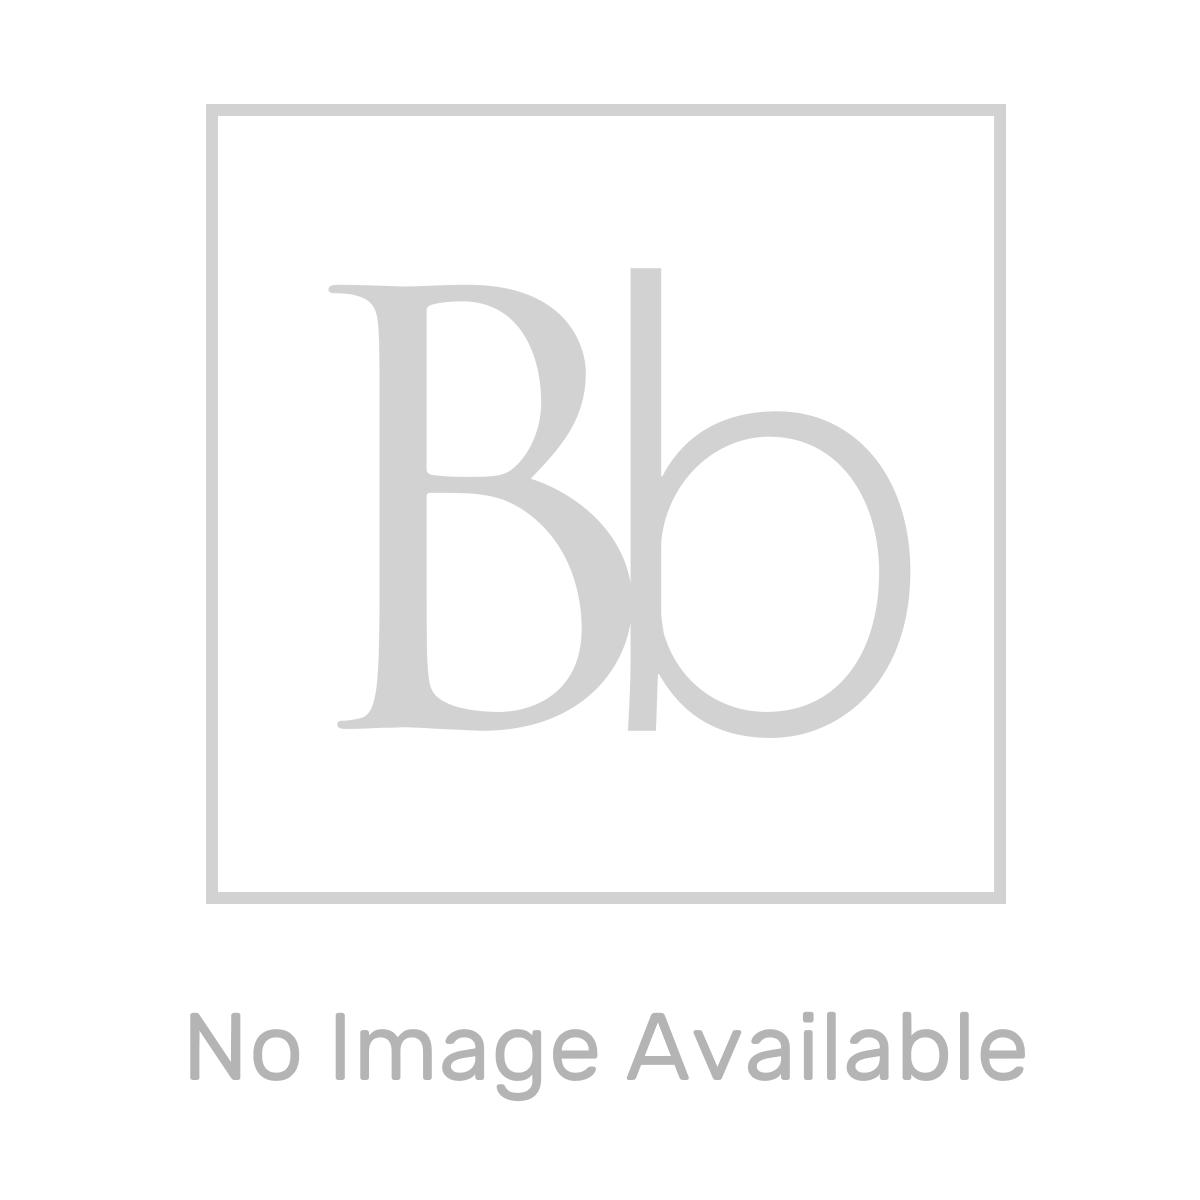 HiB Jersey White Double Door Bathroom Mirrored Cabinet